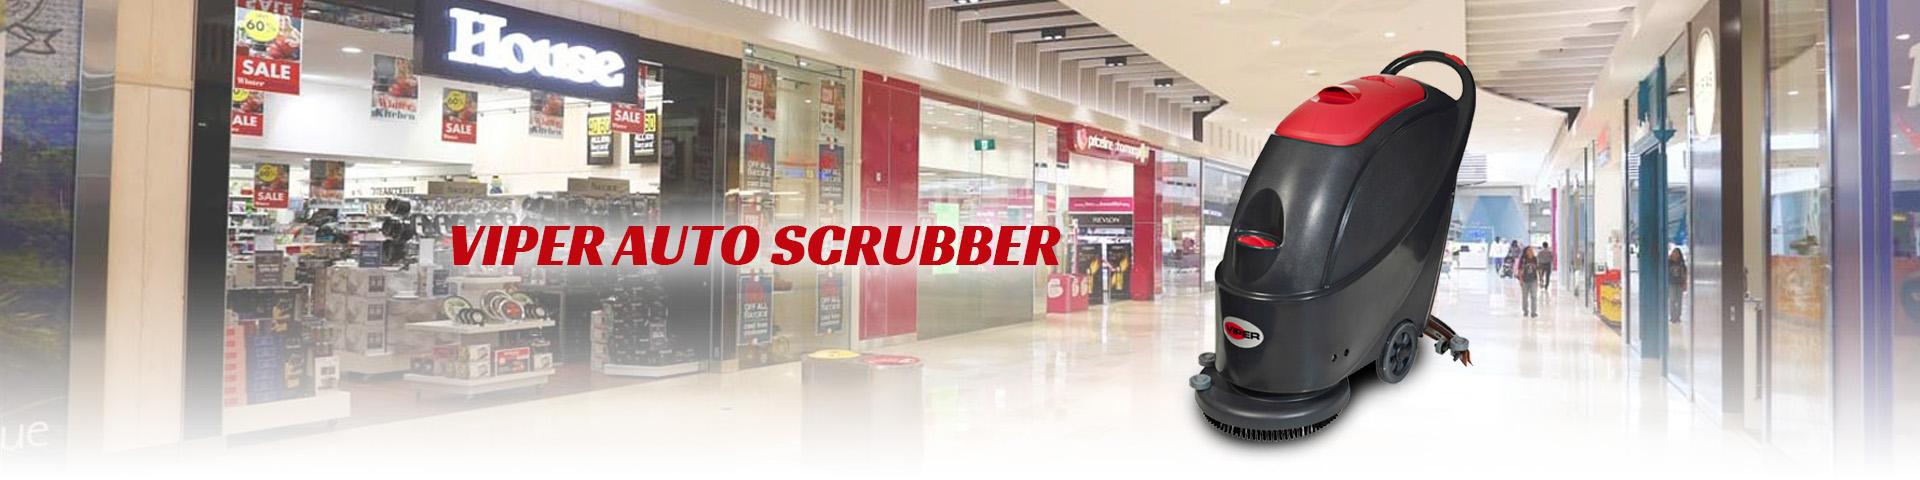 Viper Auto Scrubber